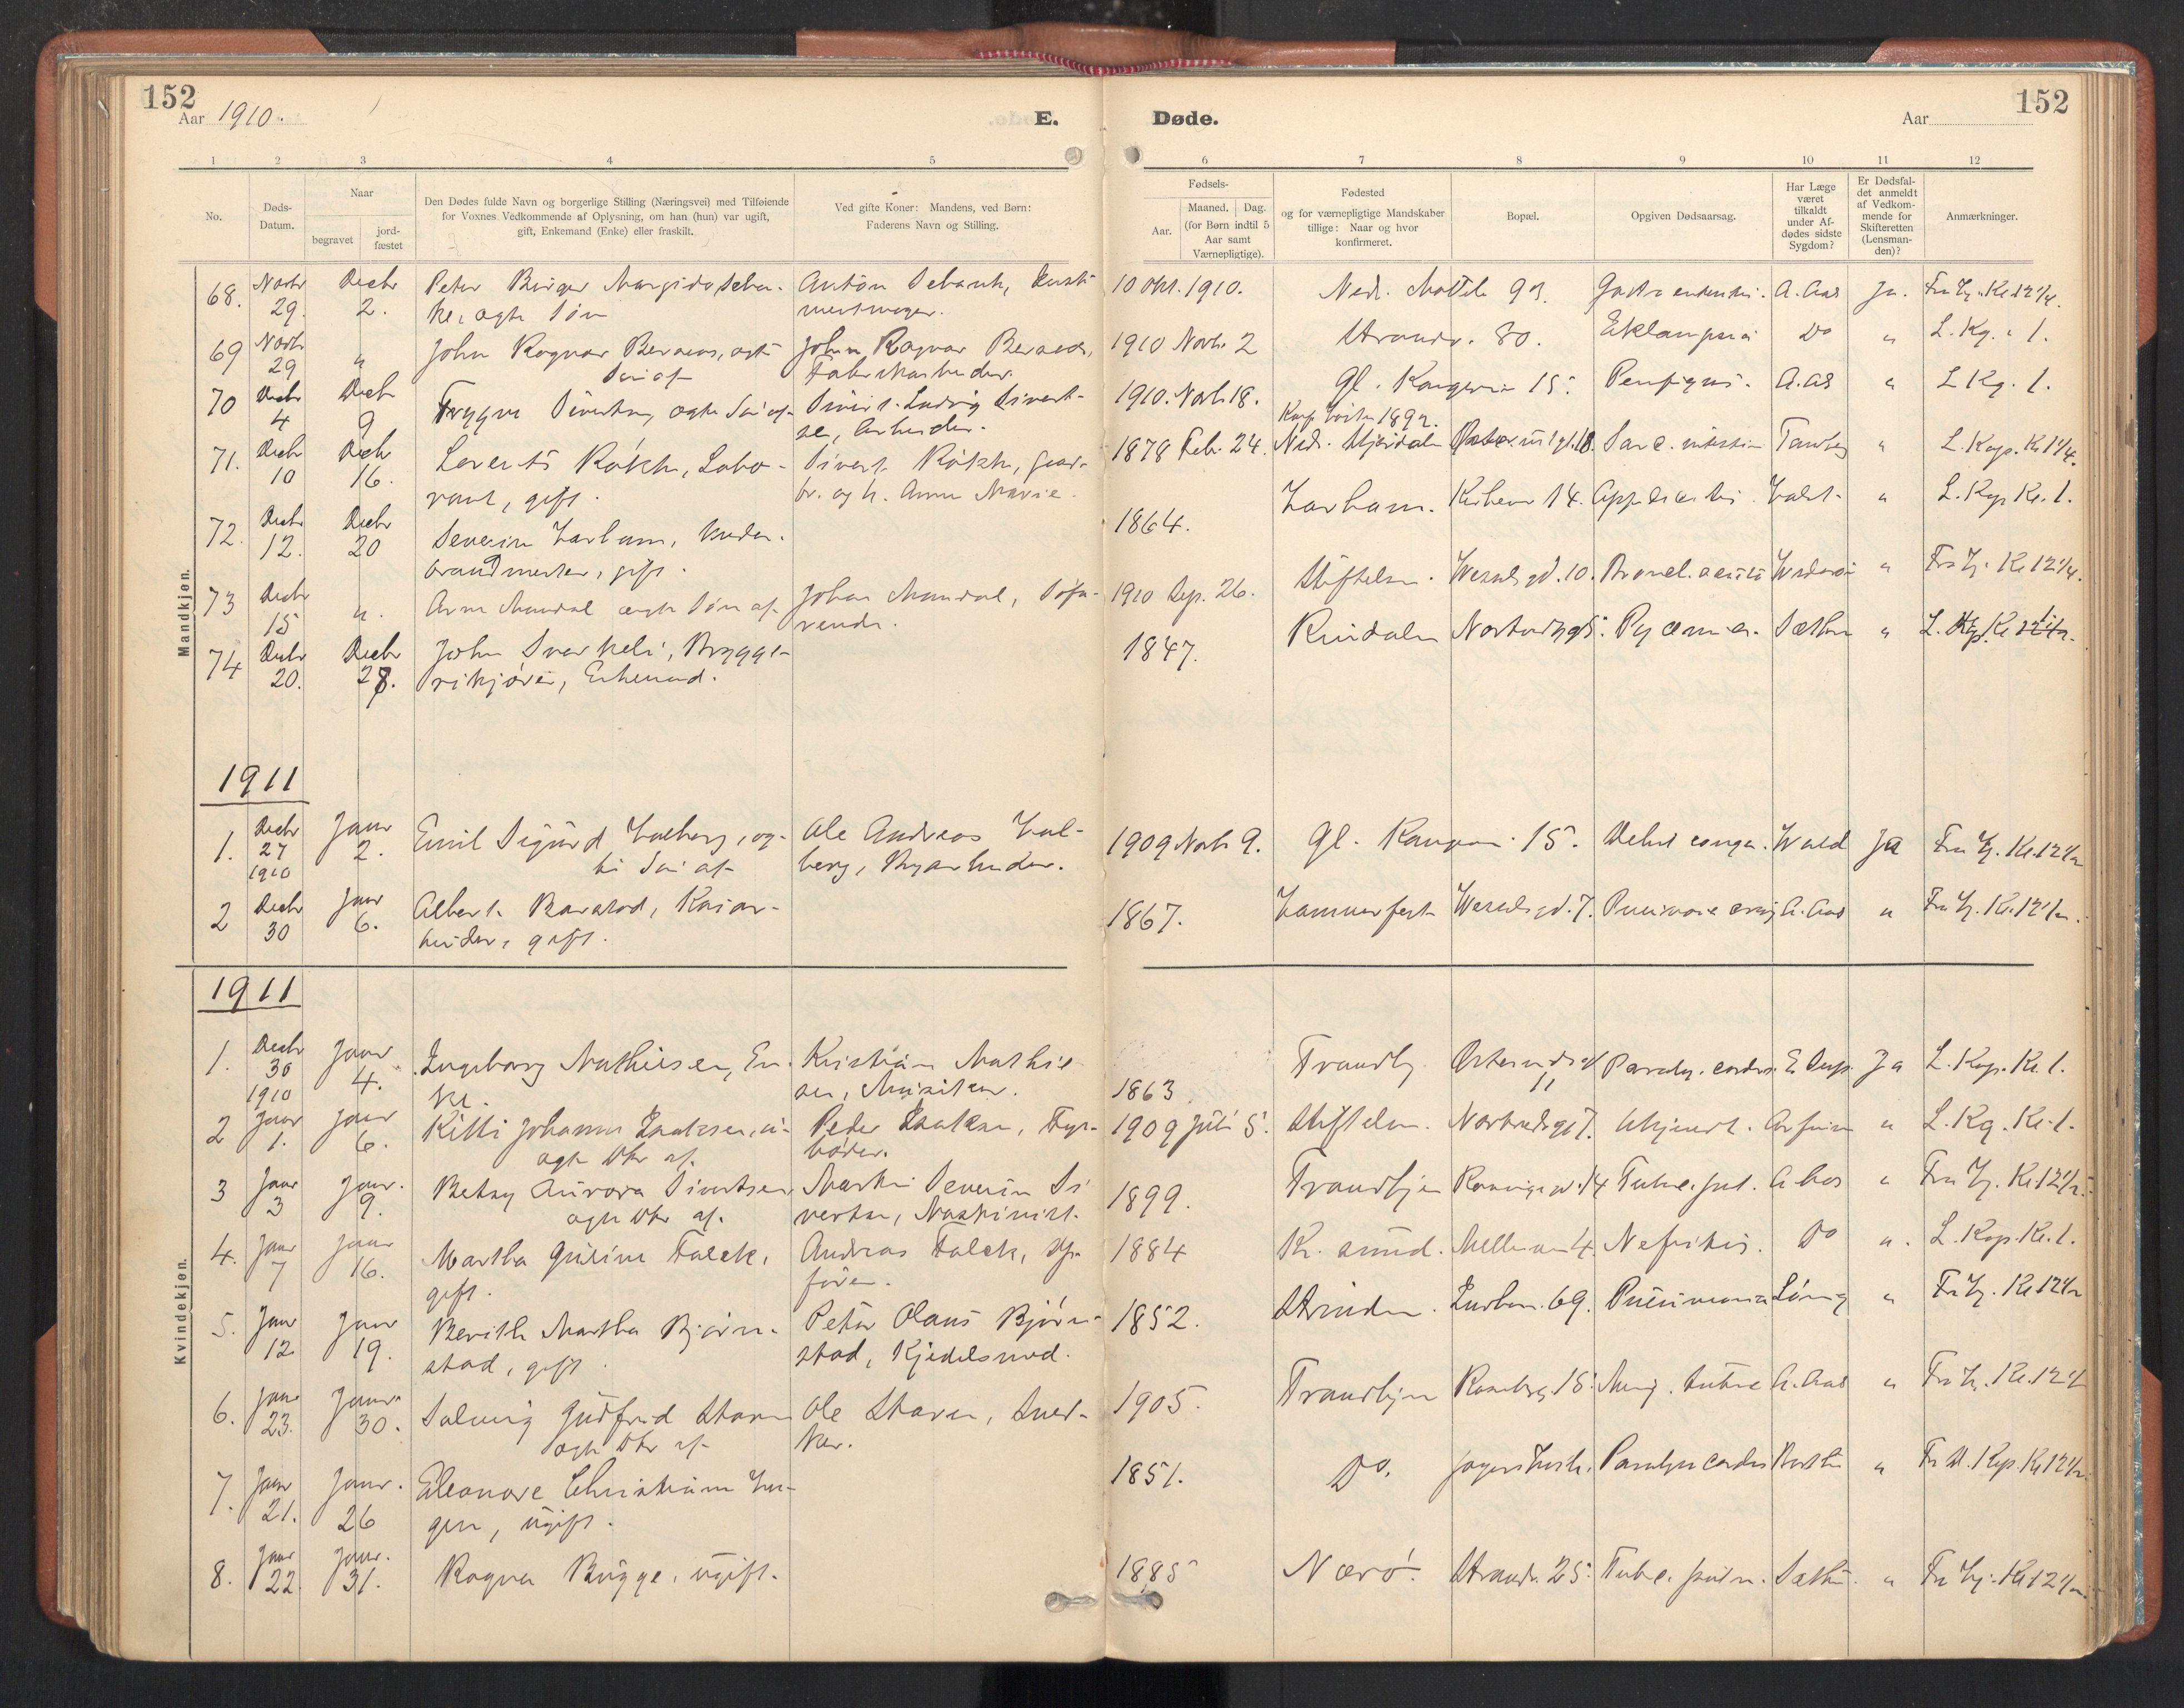 SAT, Ministerialprotokoller, klokkerbøker og fødselsregistre - Sør-Trøndelag, 605/L0244: Ministerialbok nr. 605A06, 1908-1954, s. 152